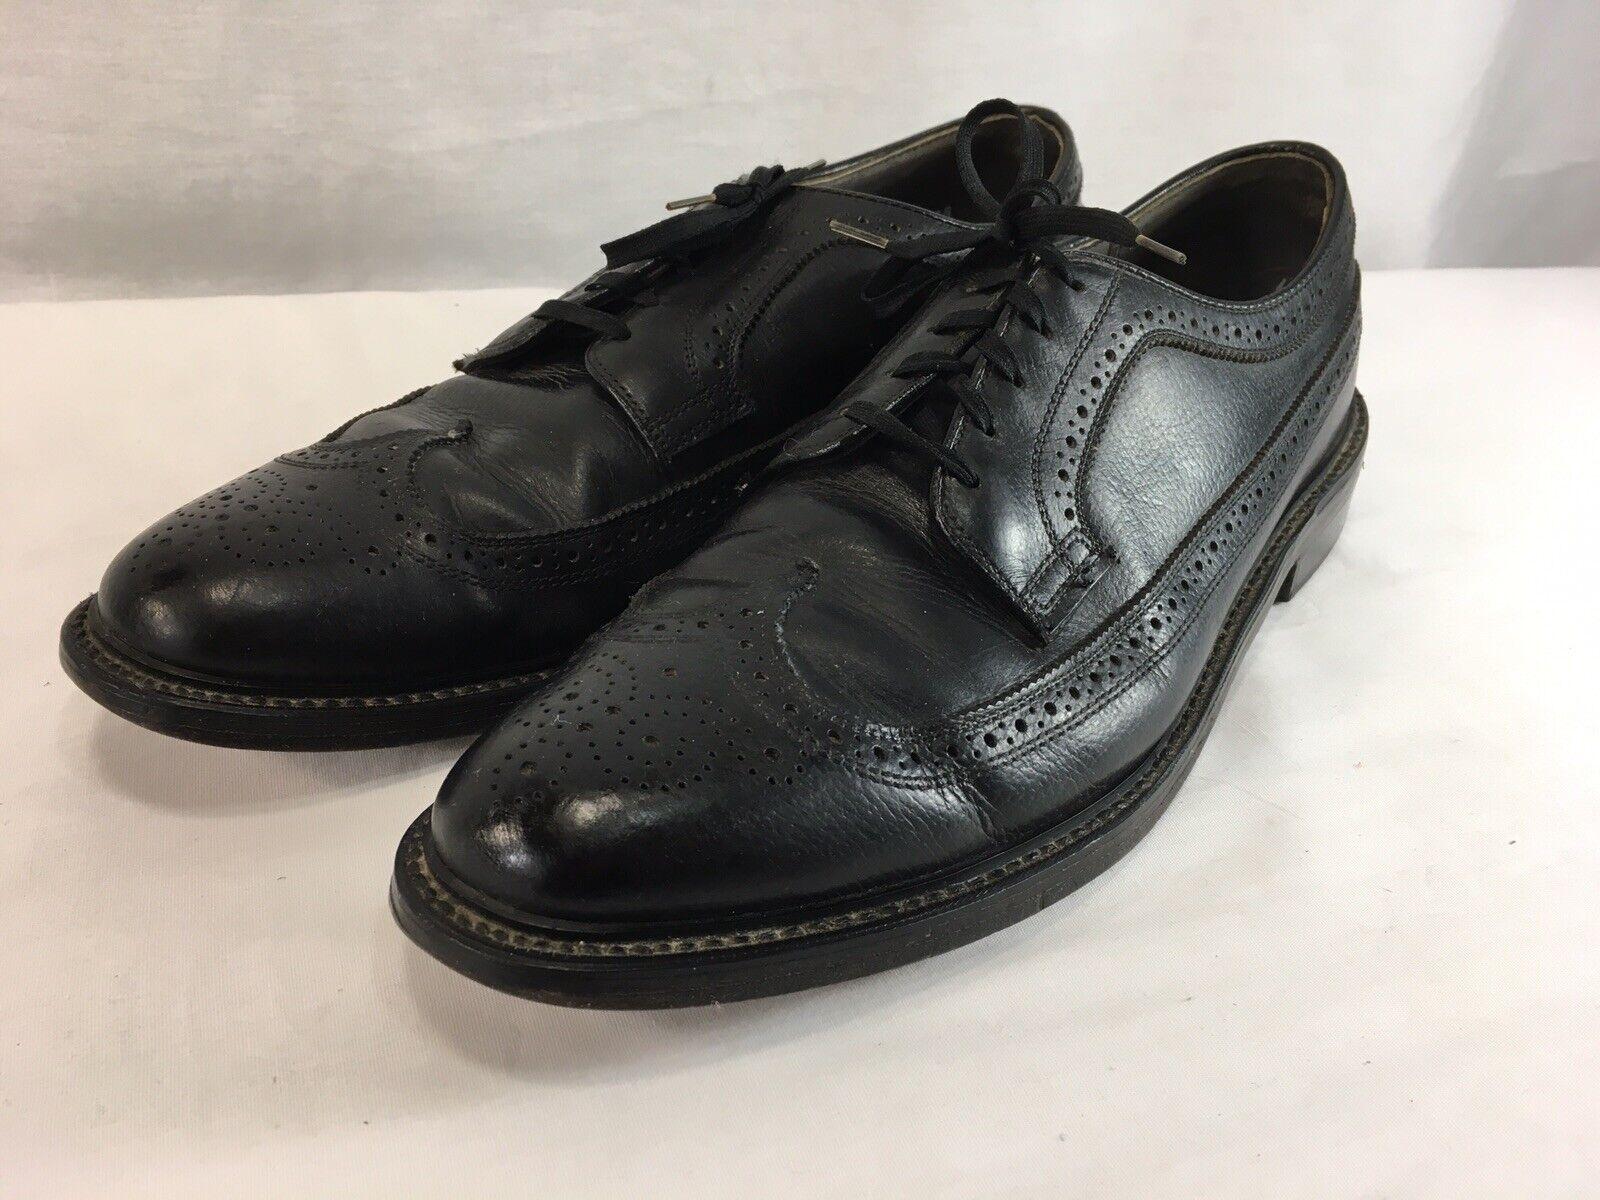 acquista marca VTG Dexter Wing Tip Oxfords Dress Dress Dress scarpe Uomo 13 C nero Leather USA  il miglior servizio post-vendita